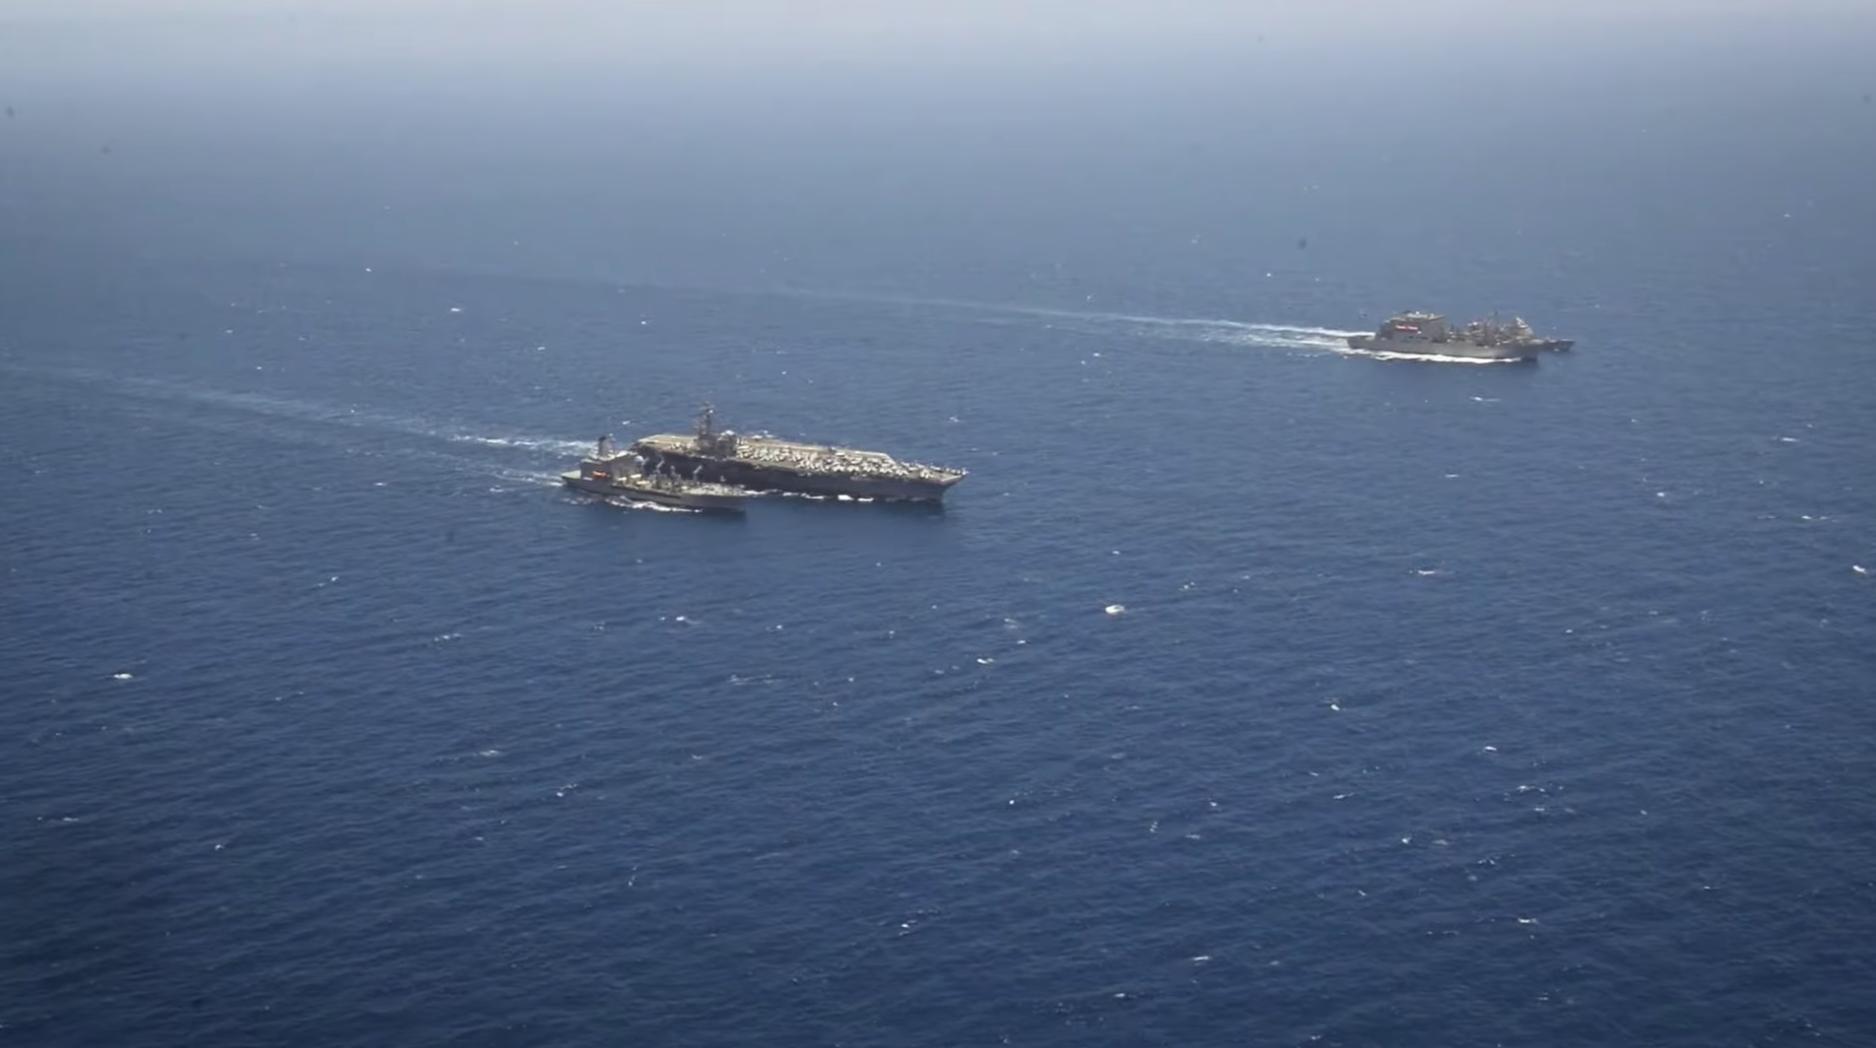 Hàng không mẫu hạm Hoa Kỳ tiến vào biển Đông